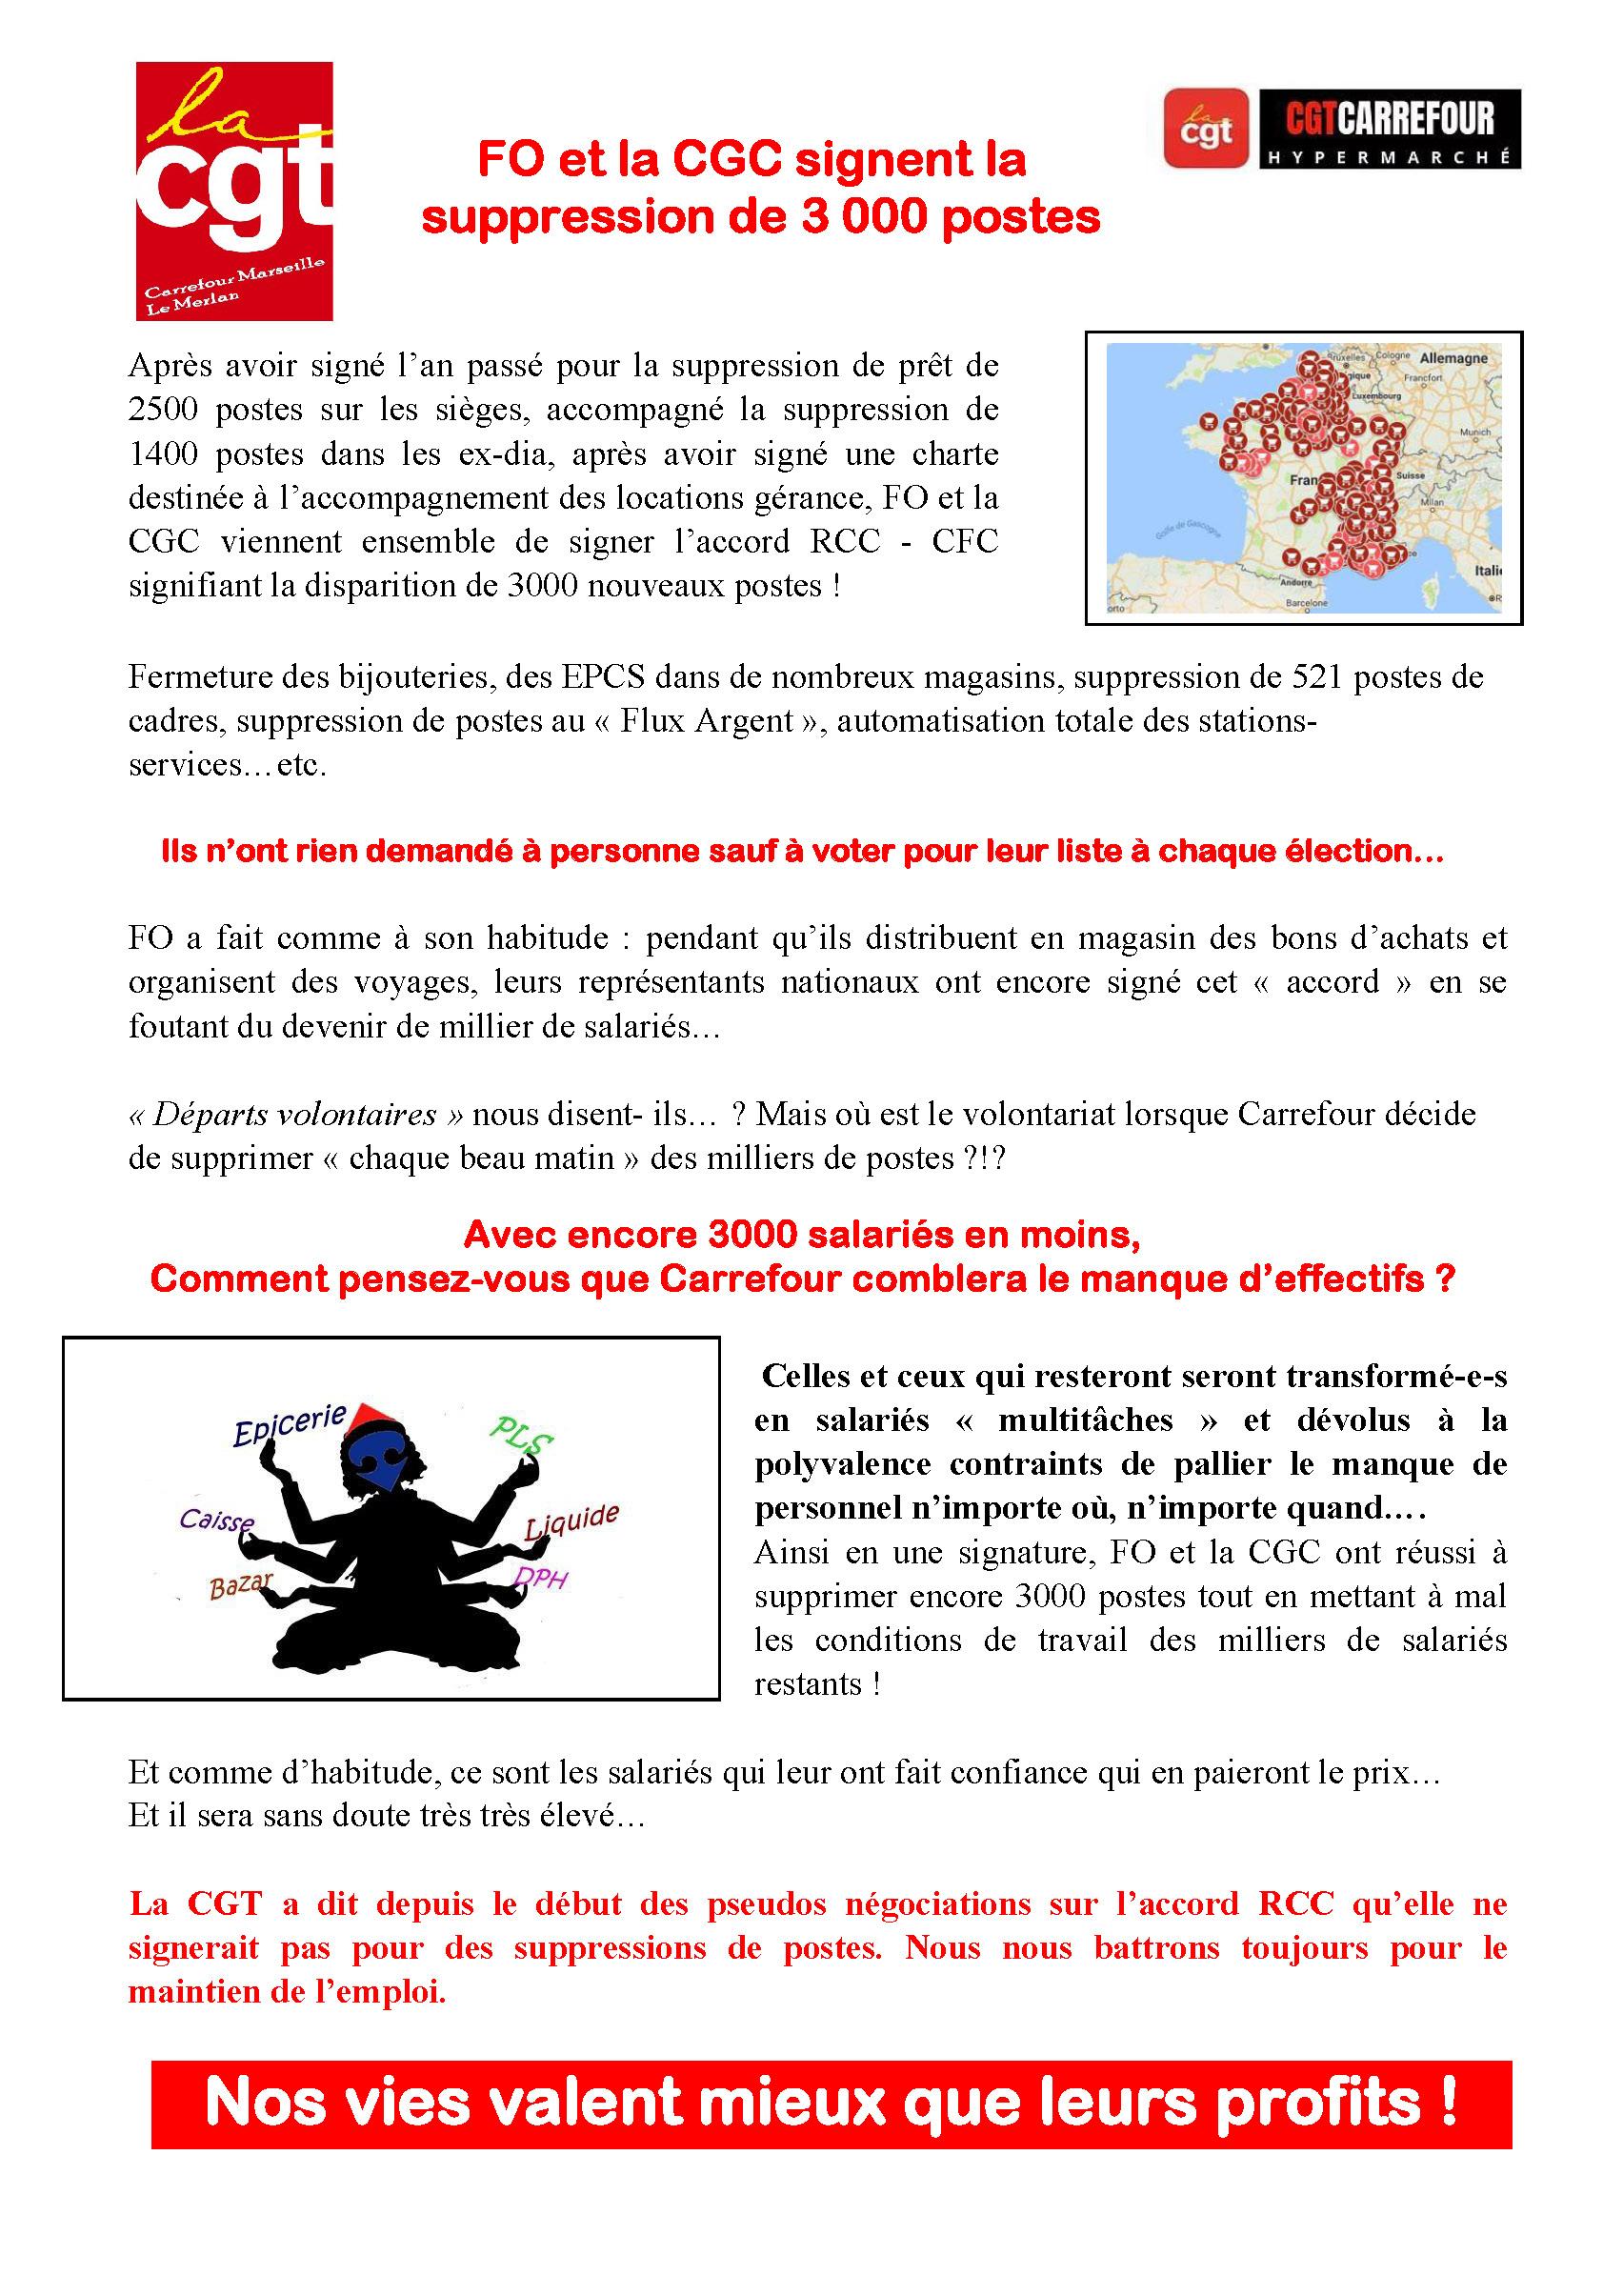 FO et la CGC signent la suppression de 3 000 postes